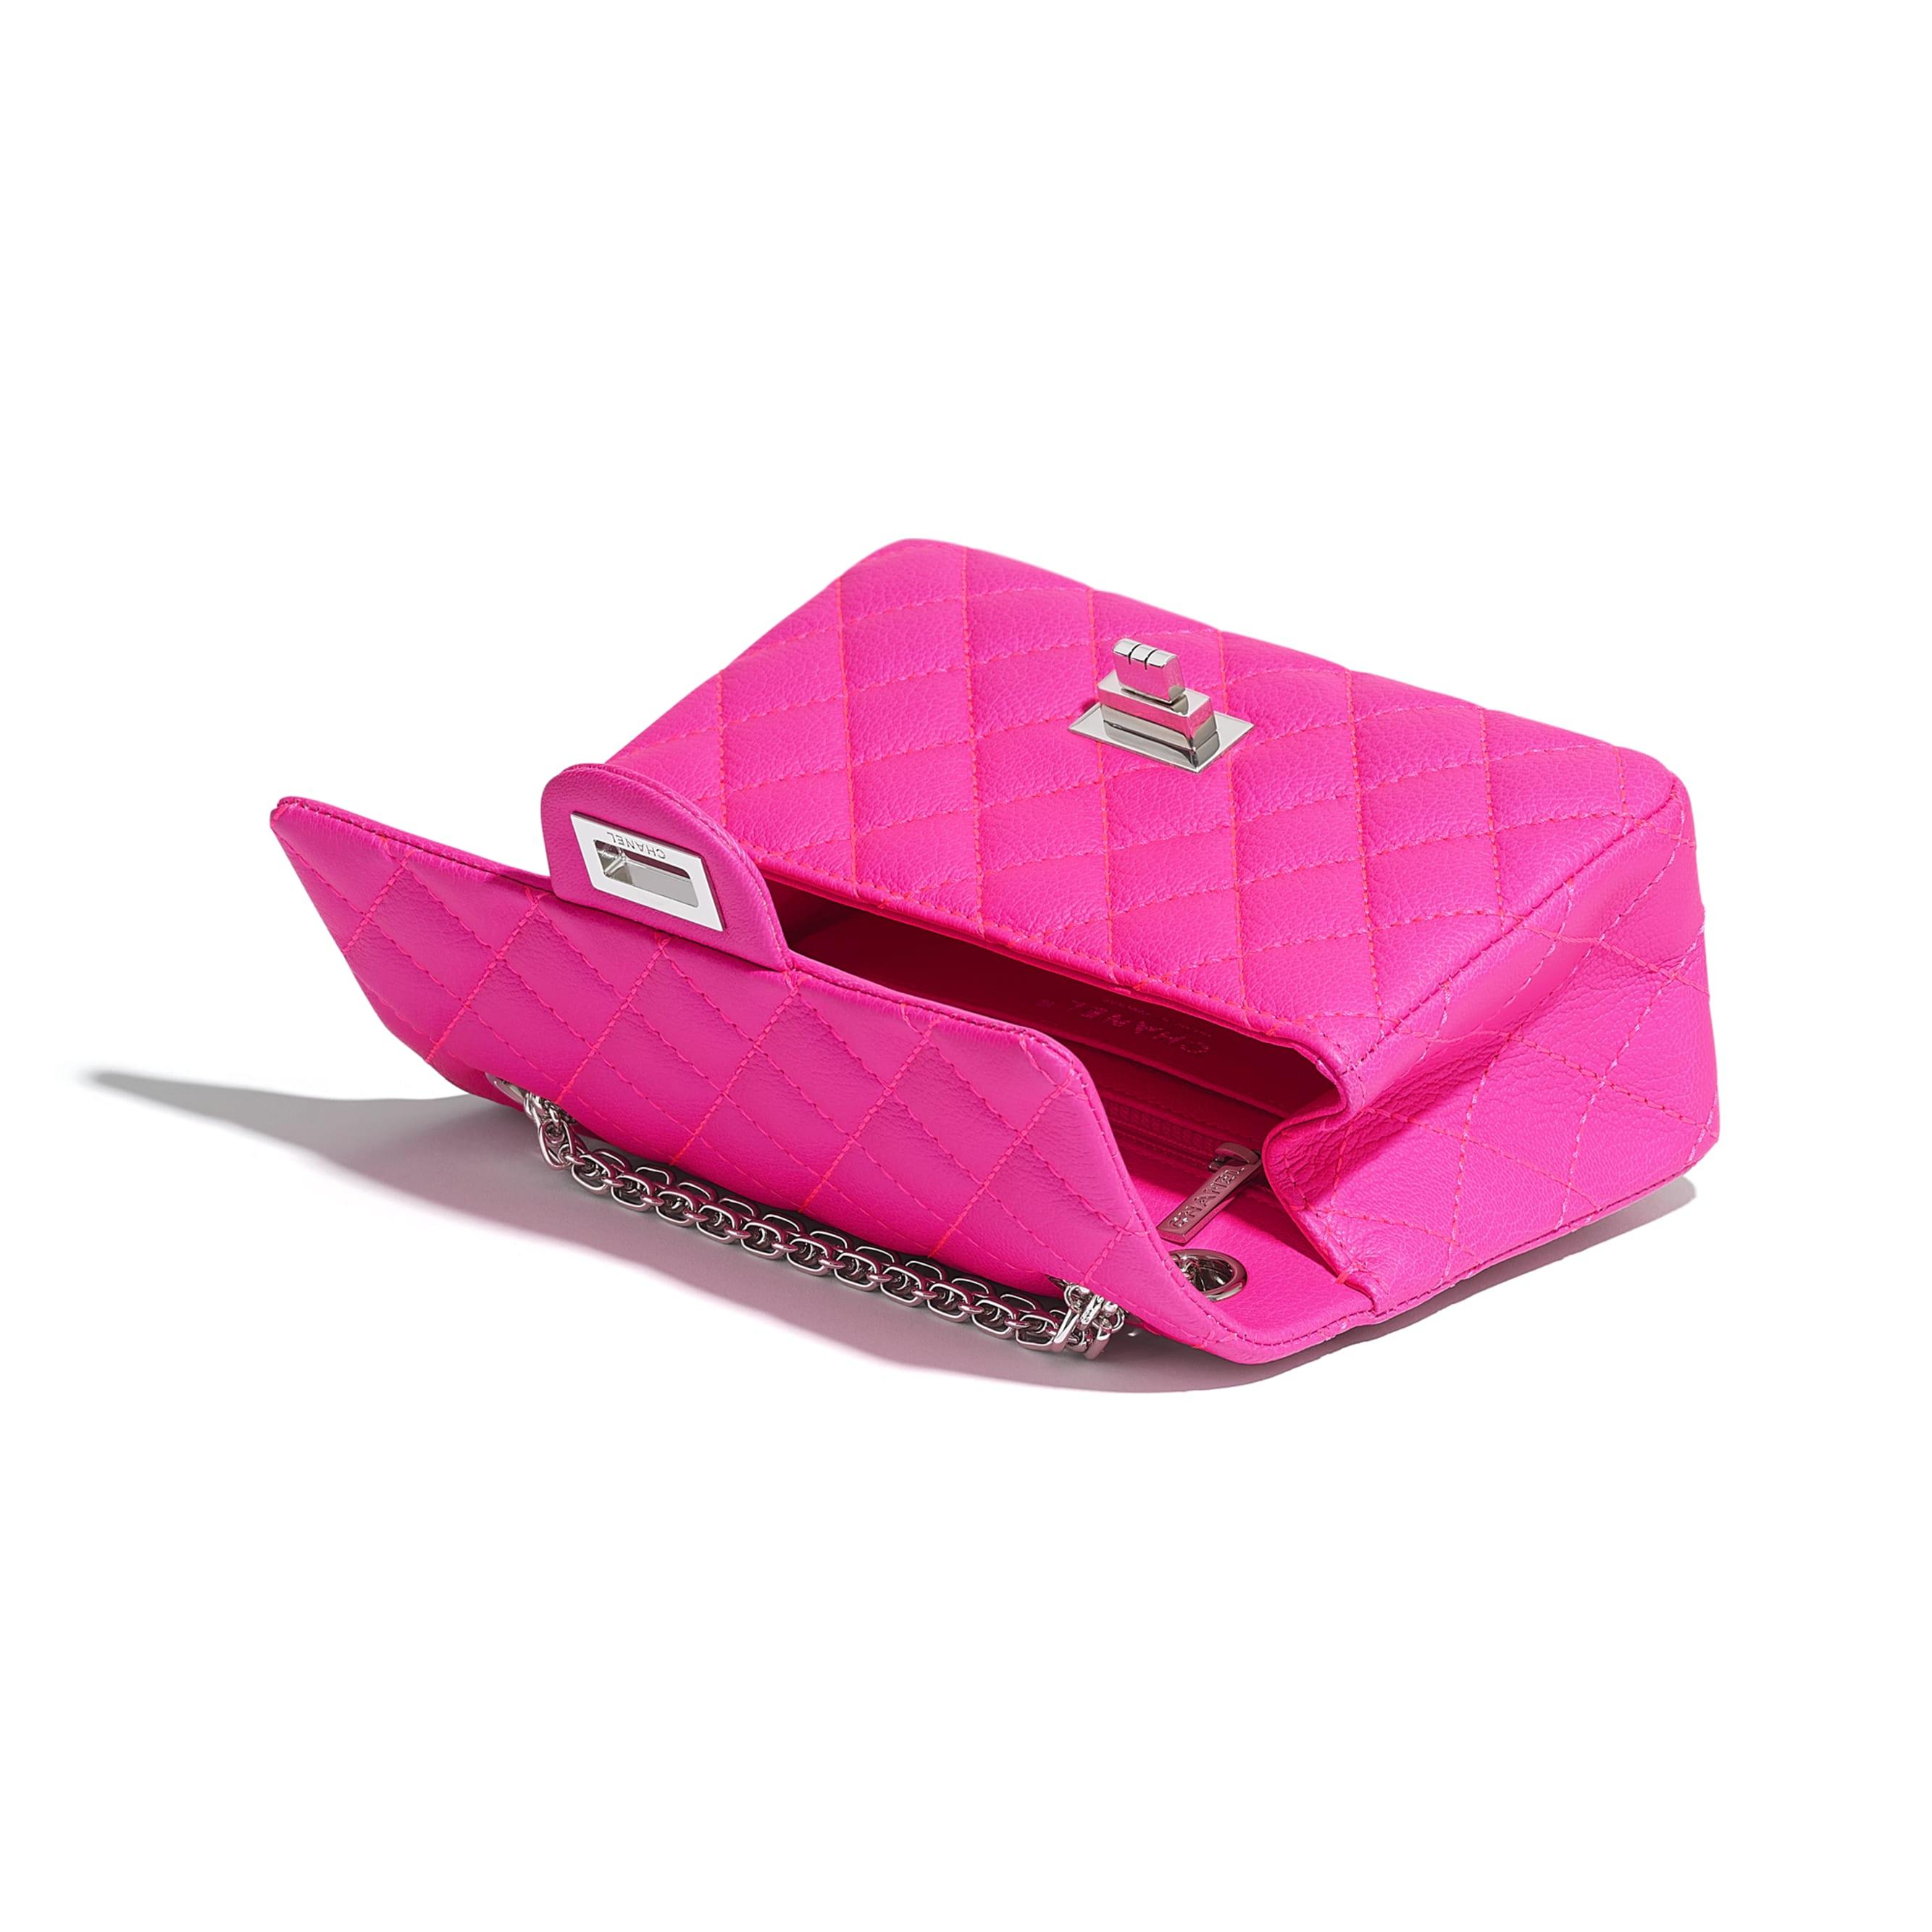 Mini sac 2.55 - Rose - Chèvre & métal argenté - CHANEL - Autre vue - voir la version taille standard